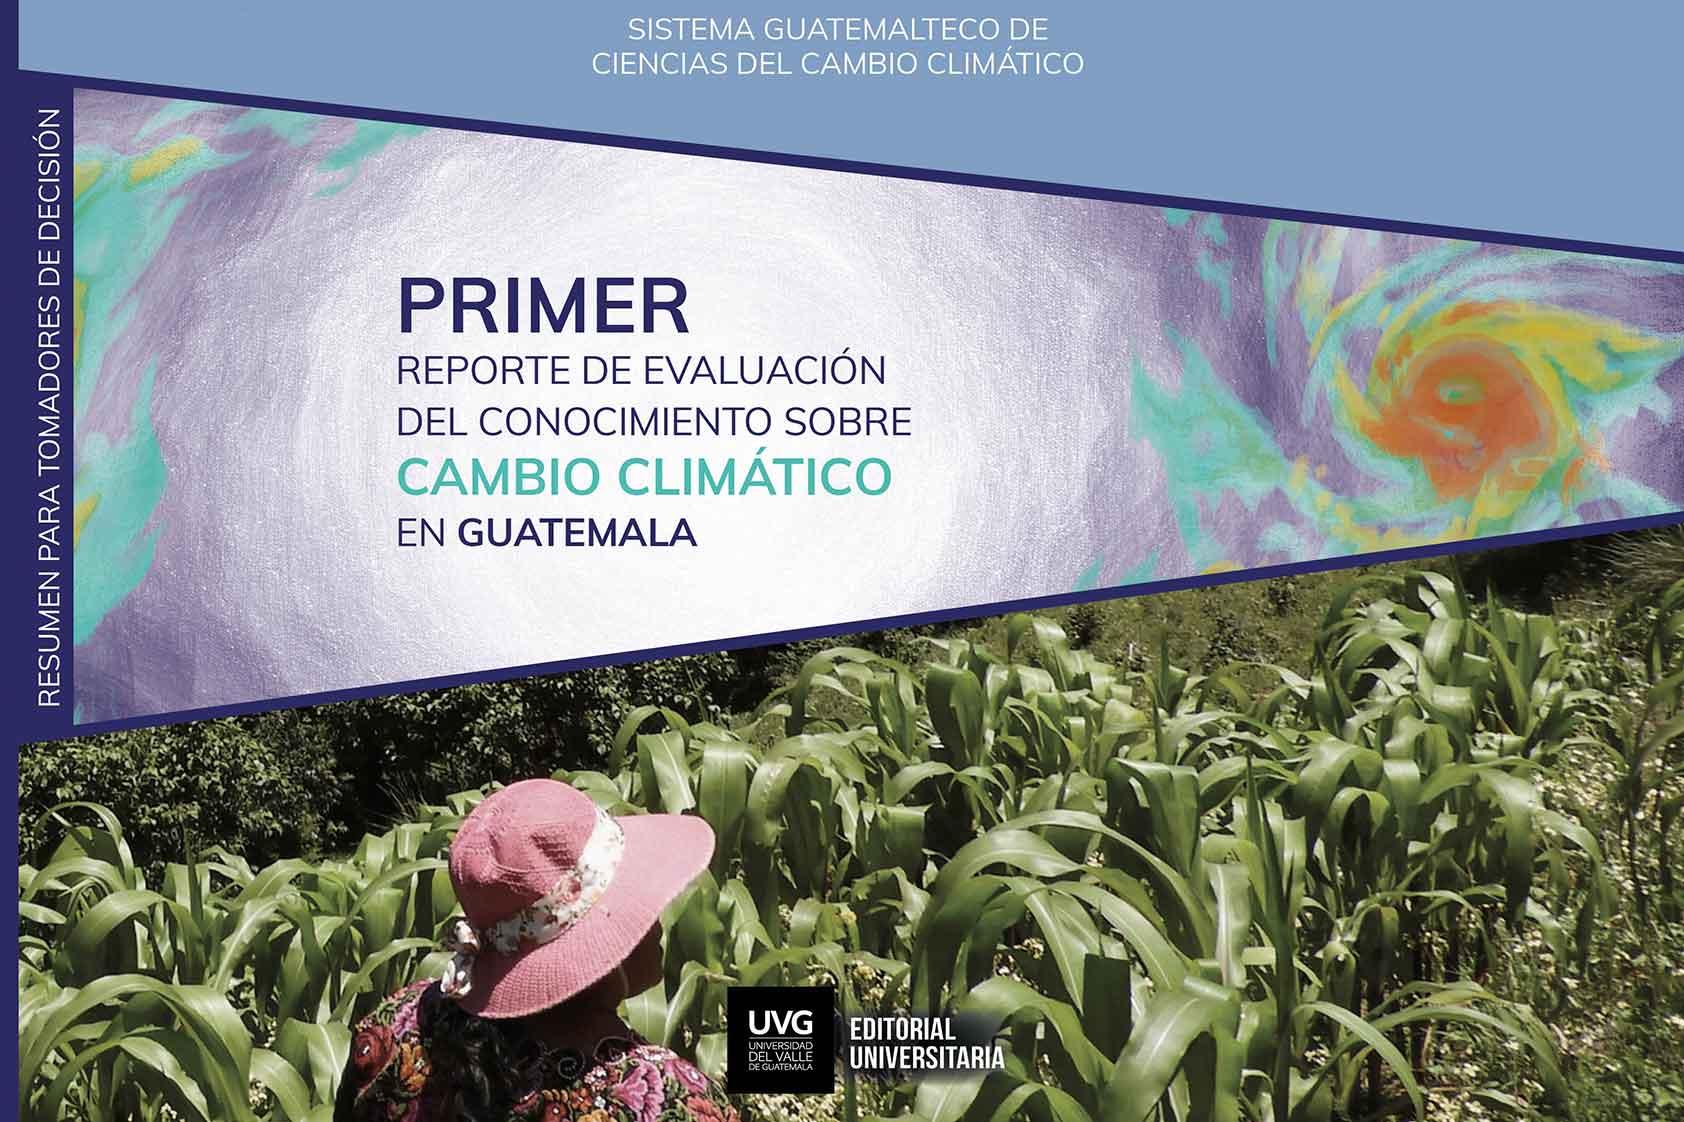 Participa: ¿Cuántos grados crees que ha subido la temperatura en Guatemala?